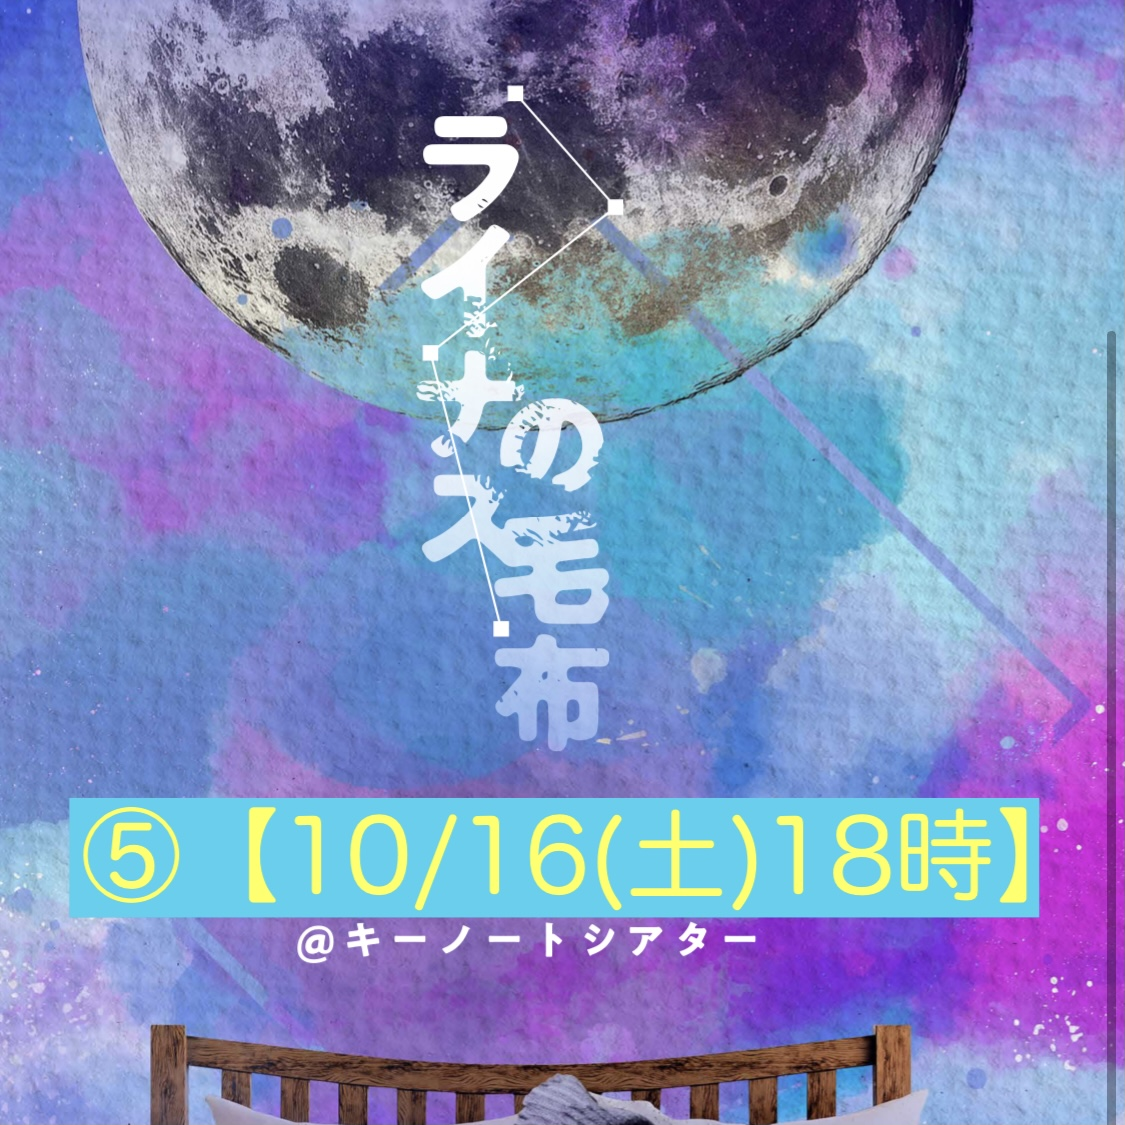 _05【10/16(土)18時】 『ライナスの毛布』